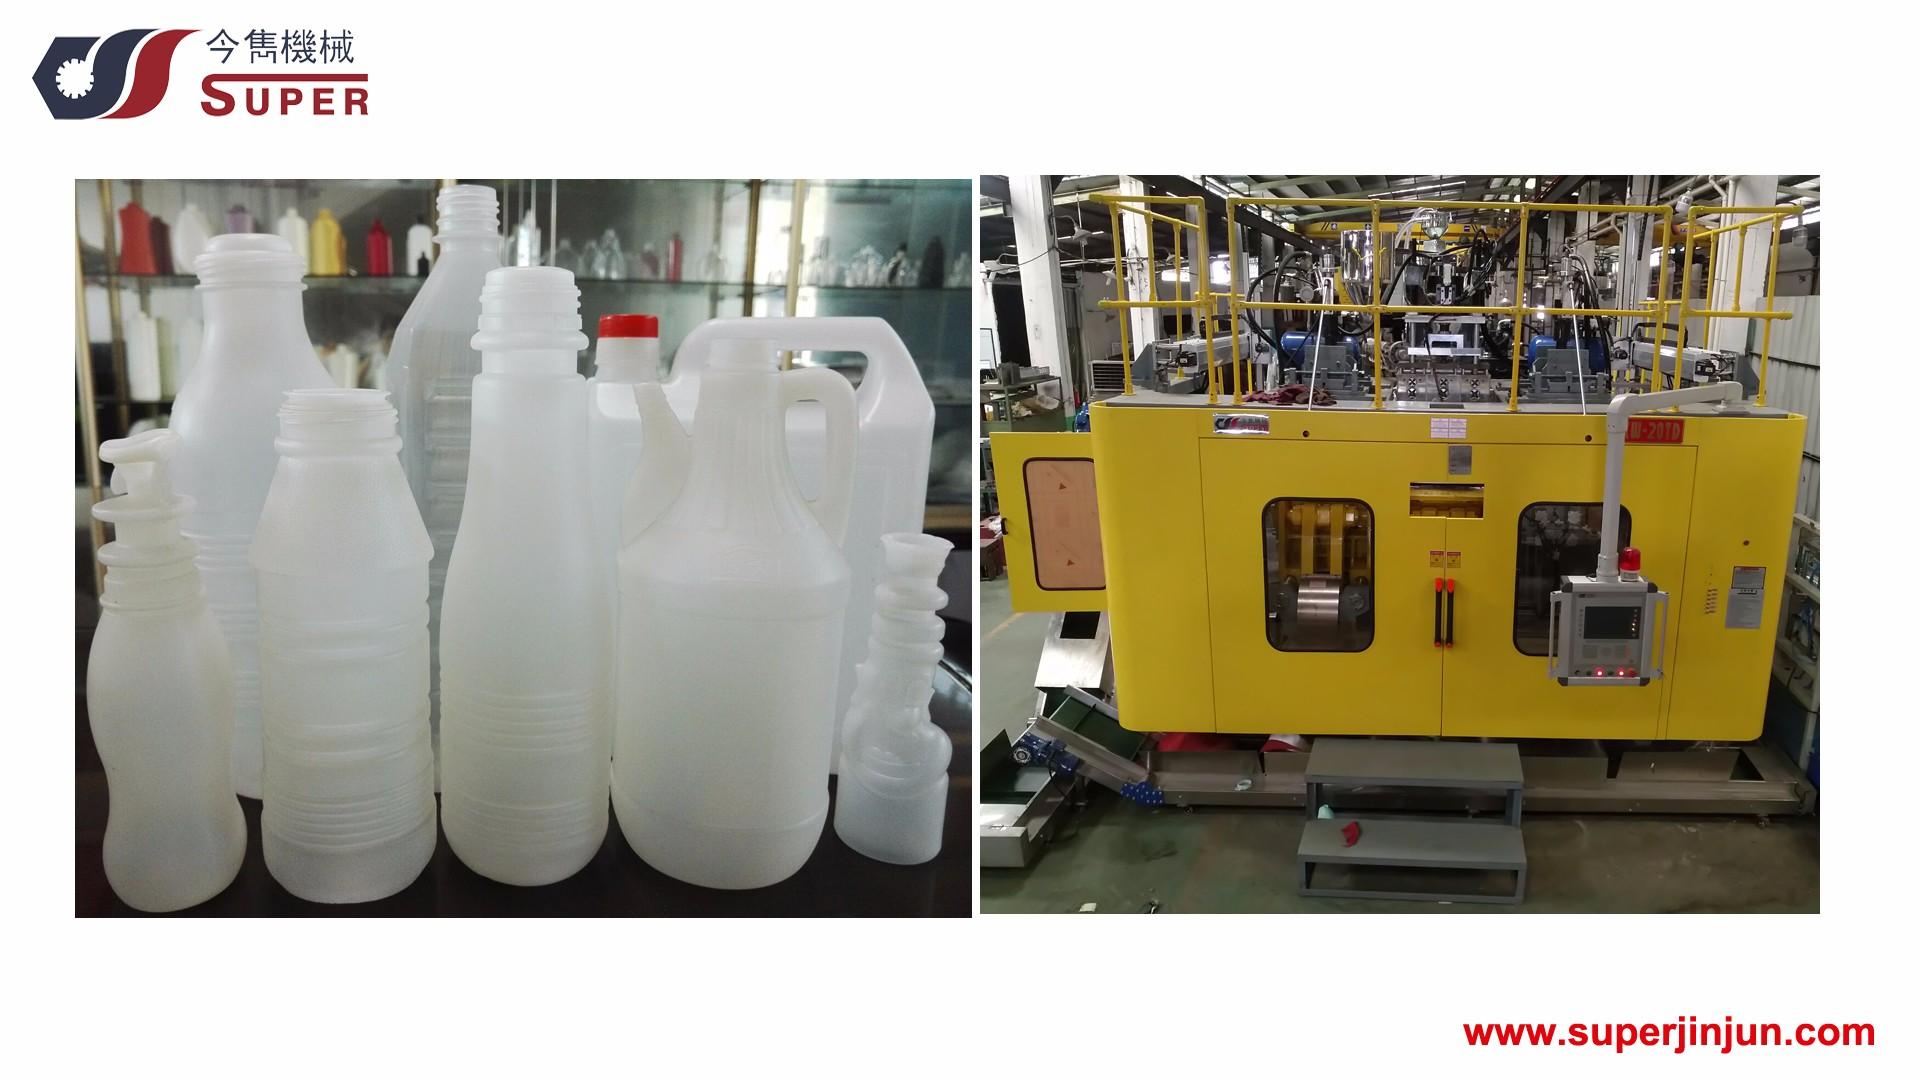 全自动无人值守奶瓶生产线